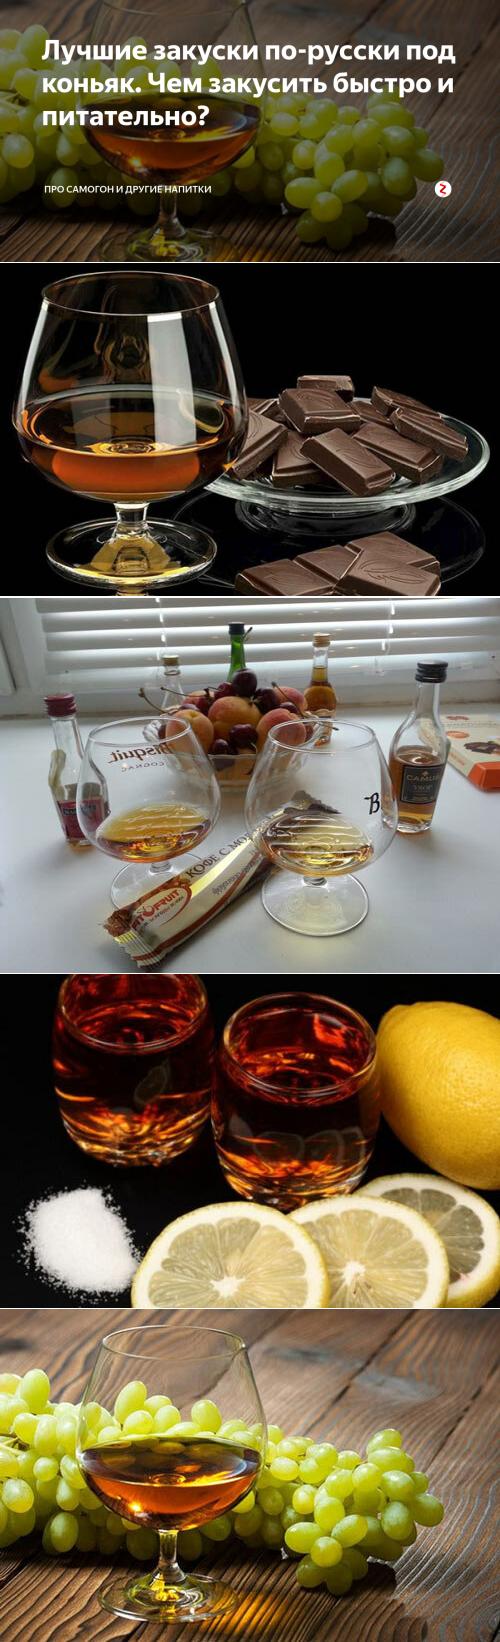 Как правильно пить коньяк и чем закусывать